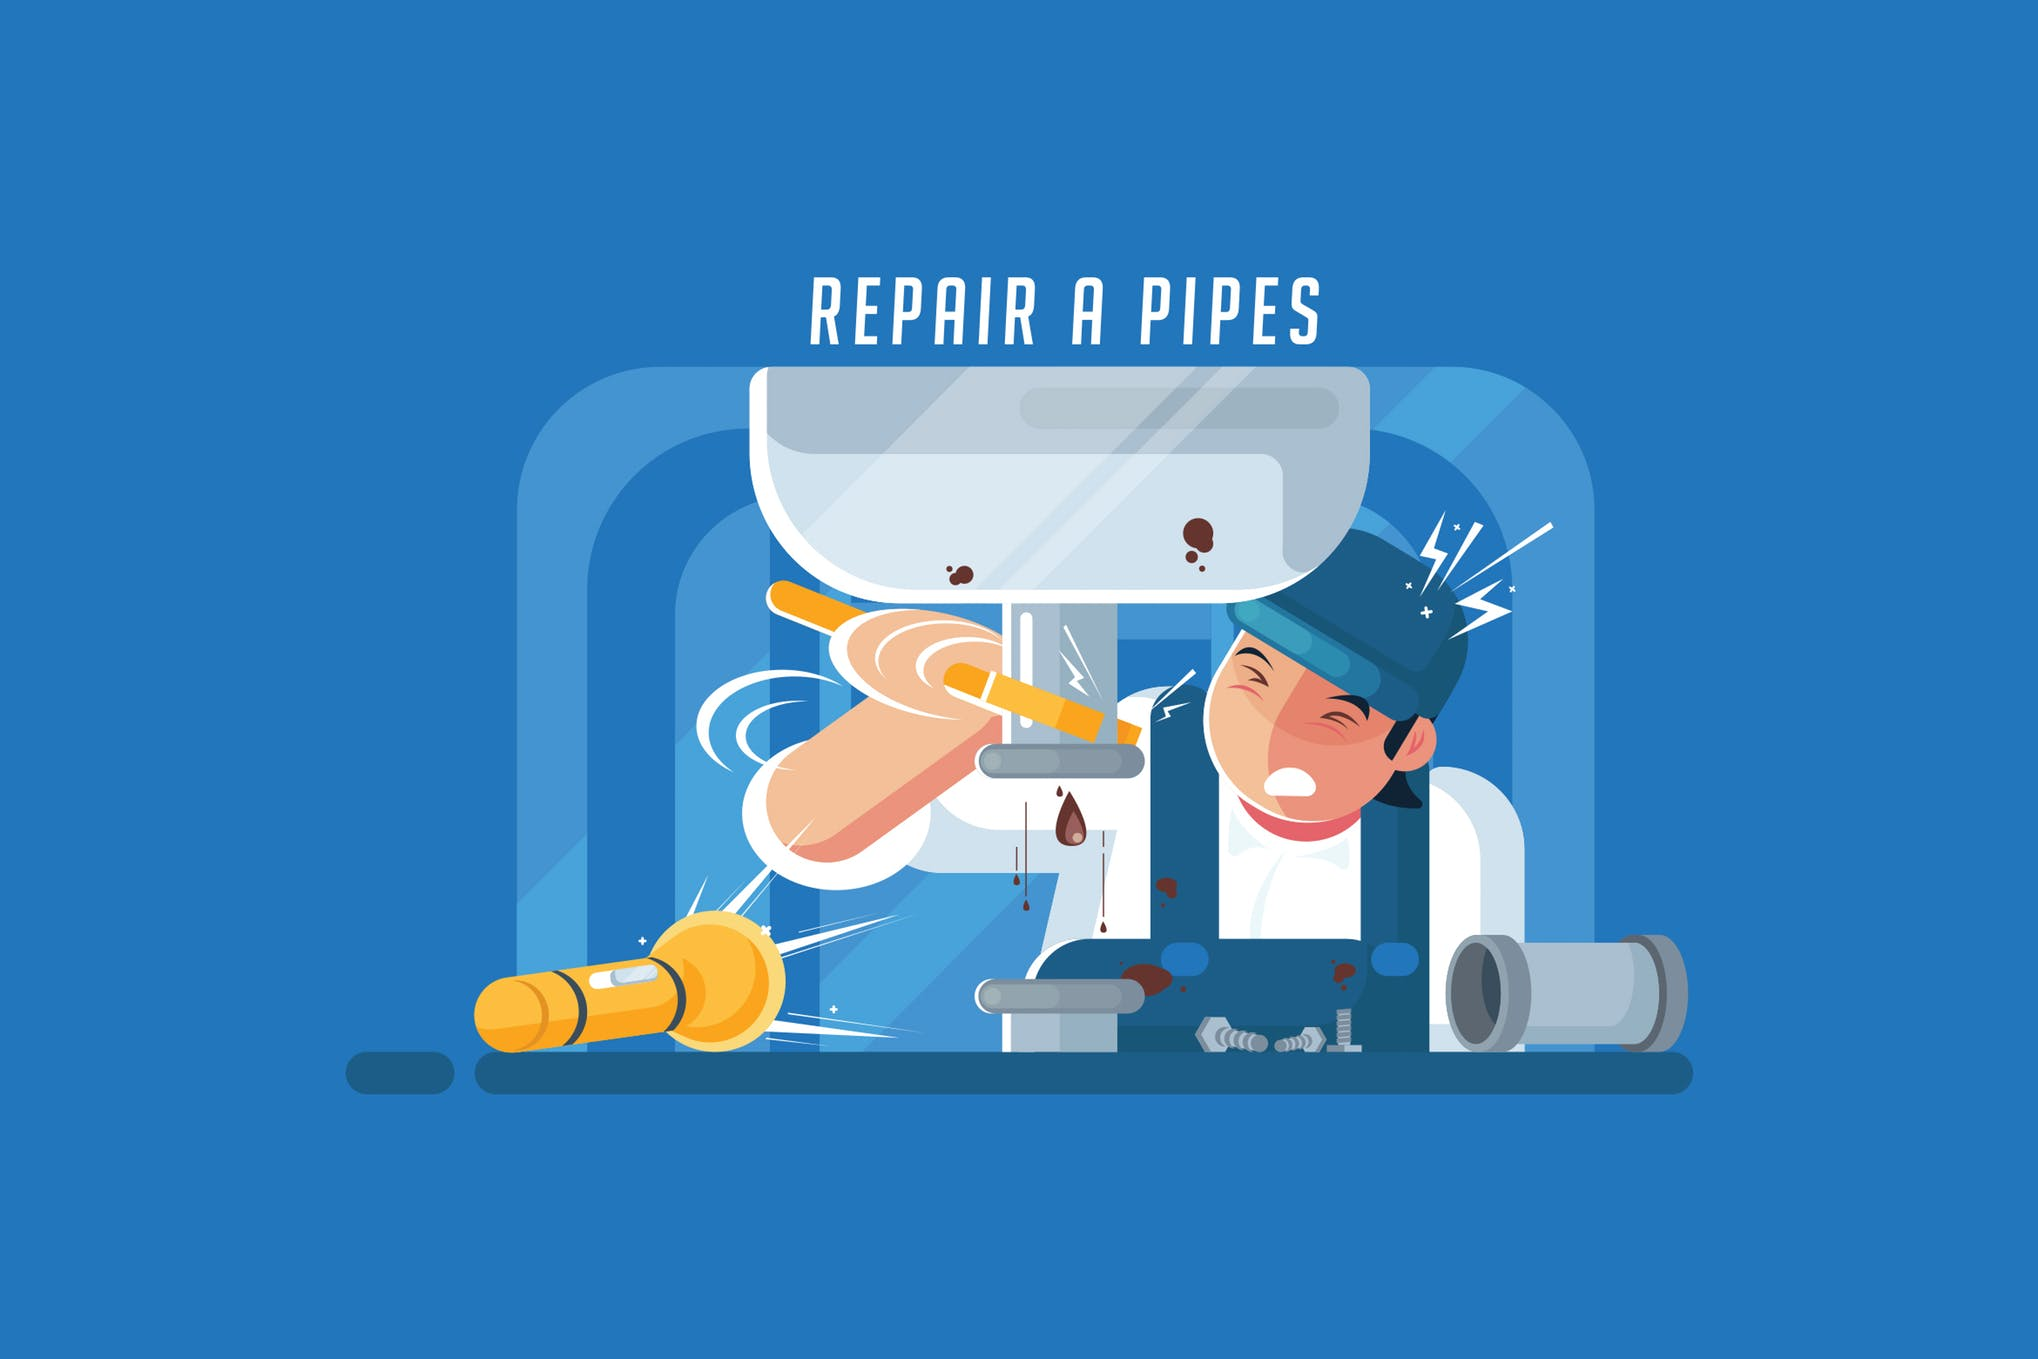 维修场景创意插画设计素材下载Repair a Pipes - Vector Activity